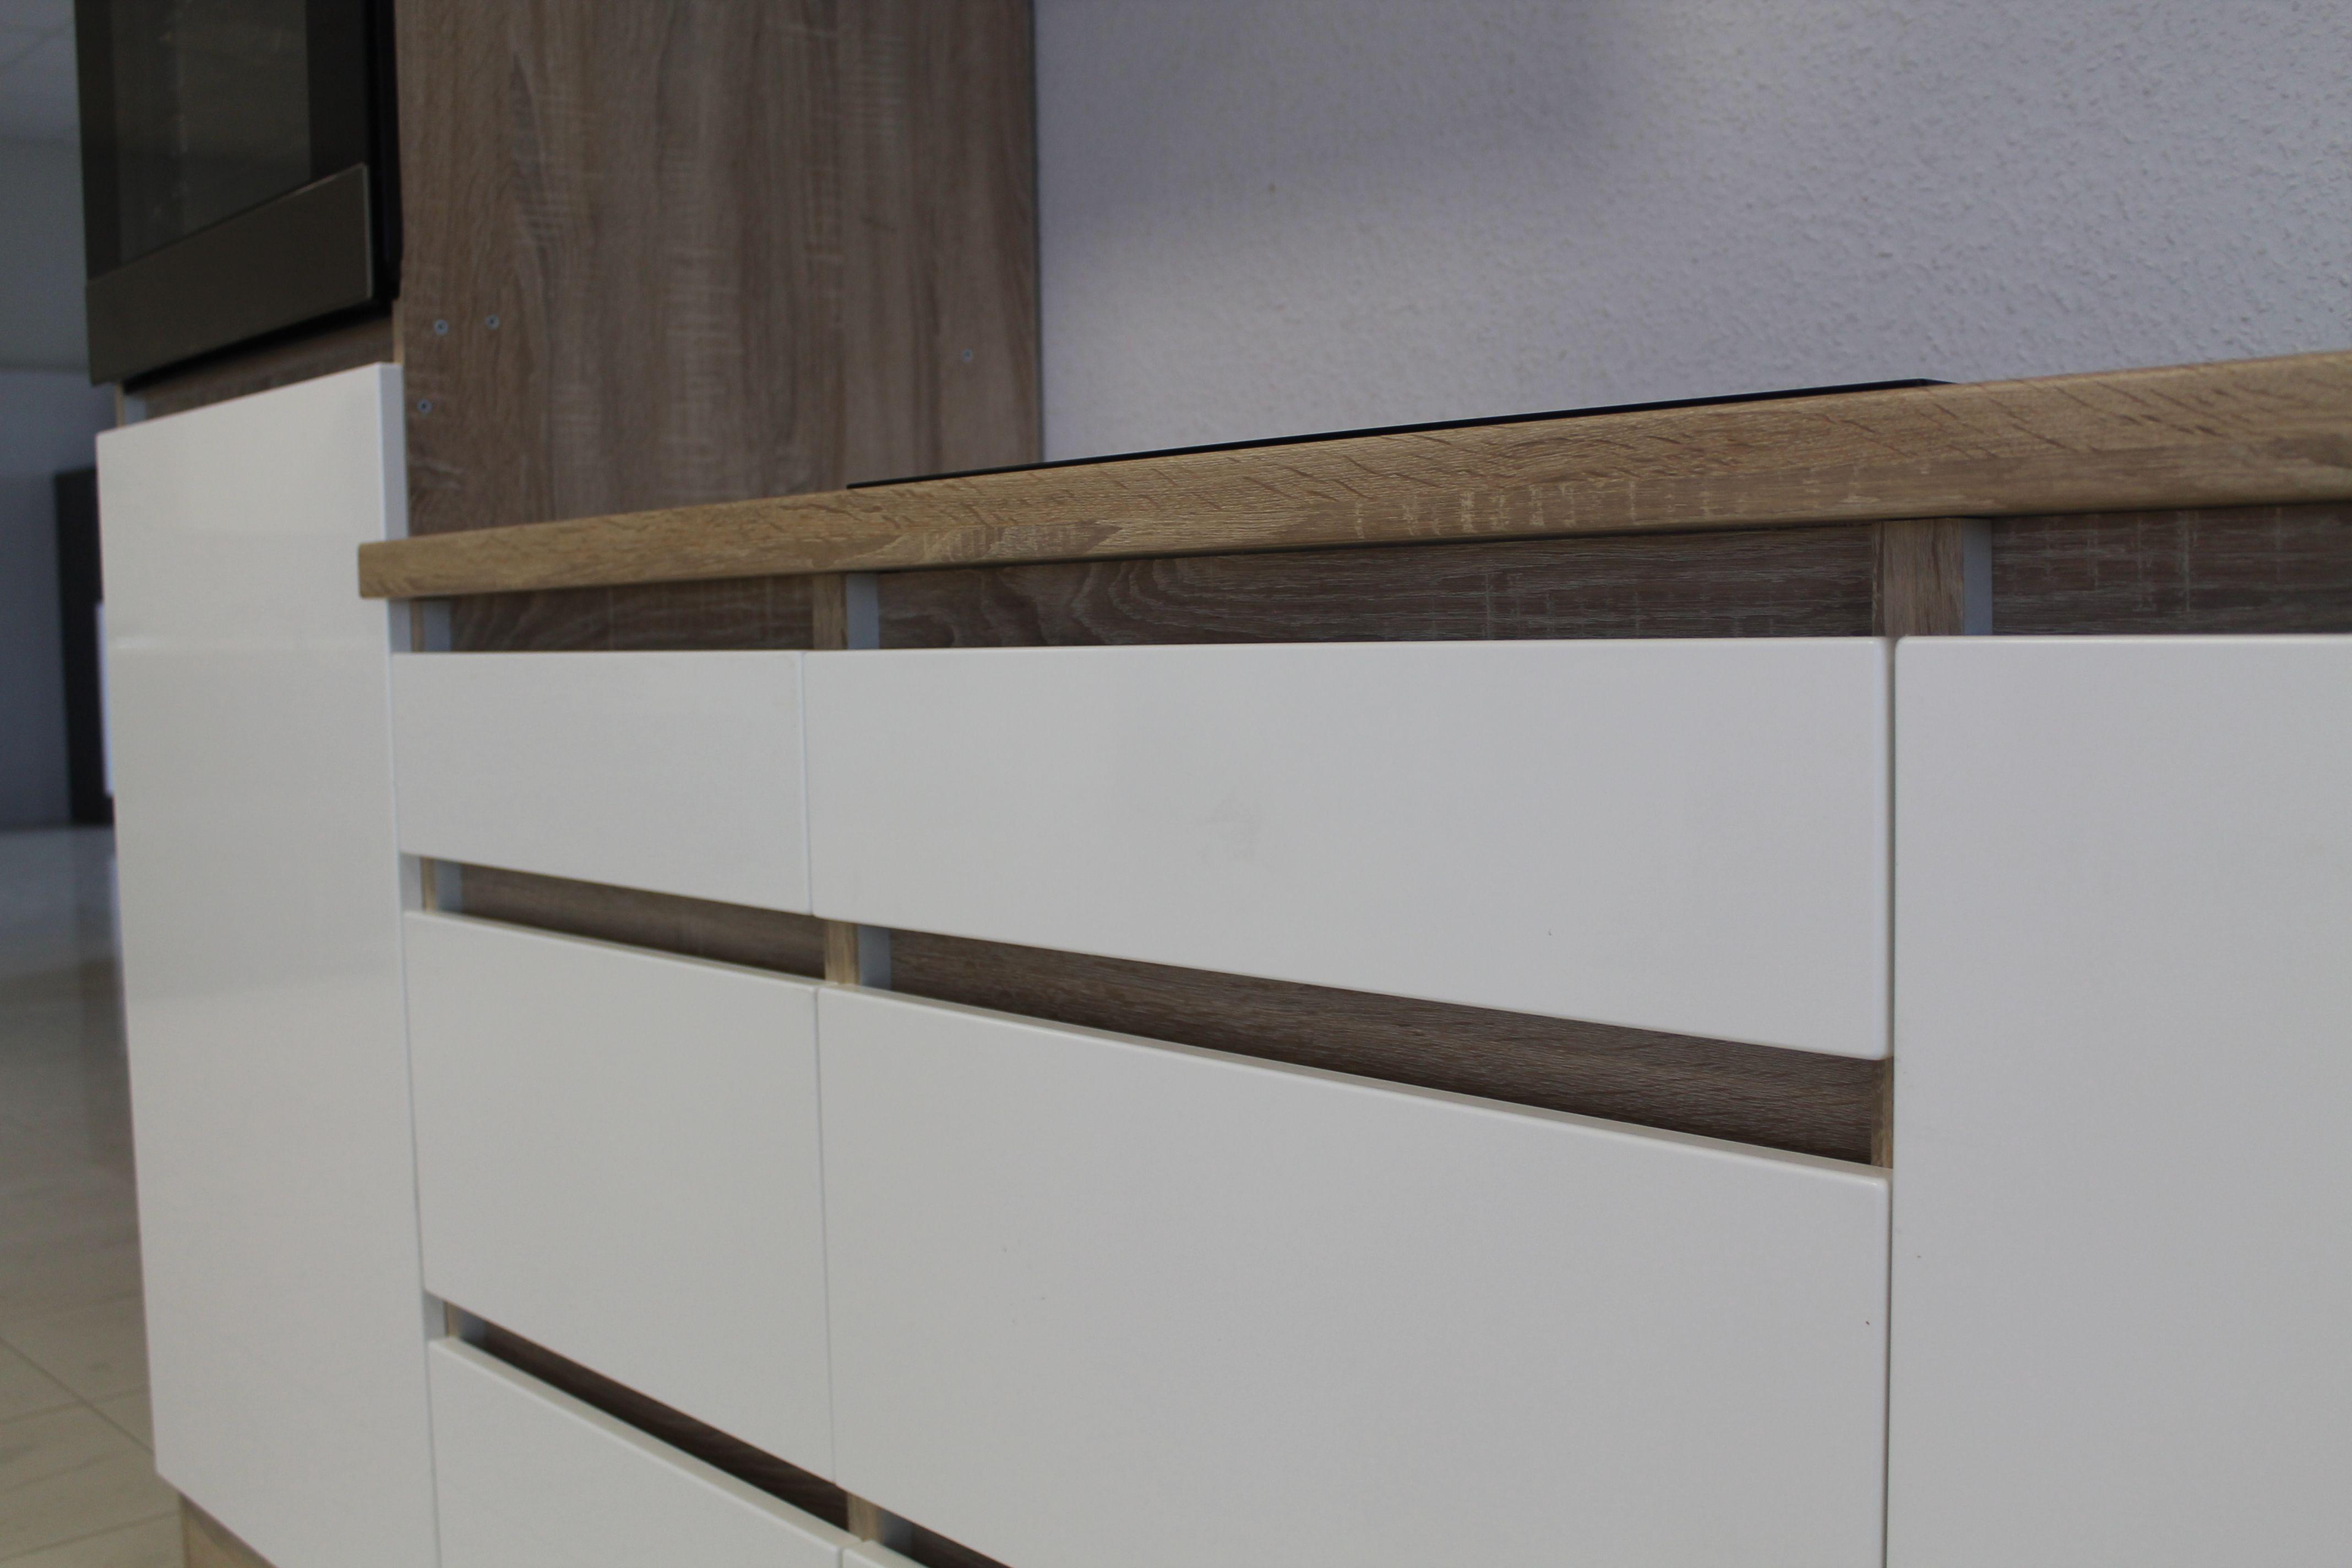 respekta grifflose k che leerblock k chenleerblock 320cm eiche sonoma wei glanz ebay. Black Bedroom Furniture Sets. Home Design Ideas